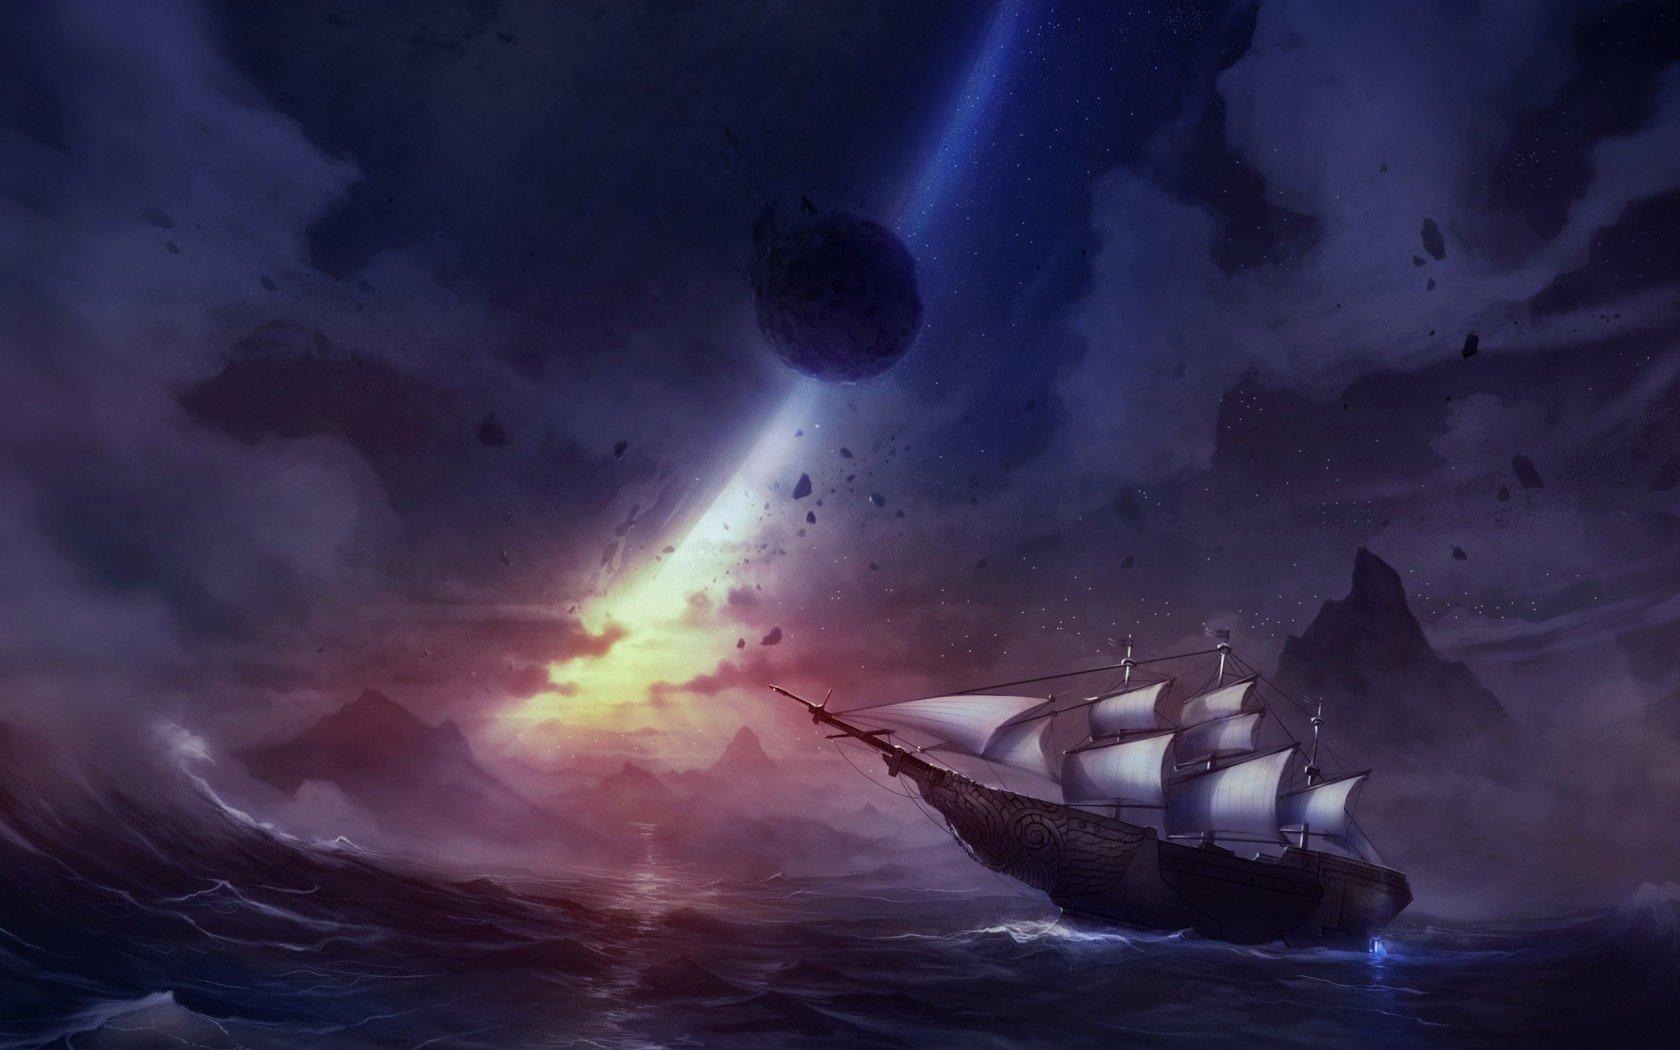 отрезаю корабли в небе картинки что вновь